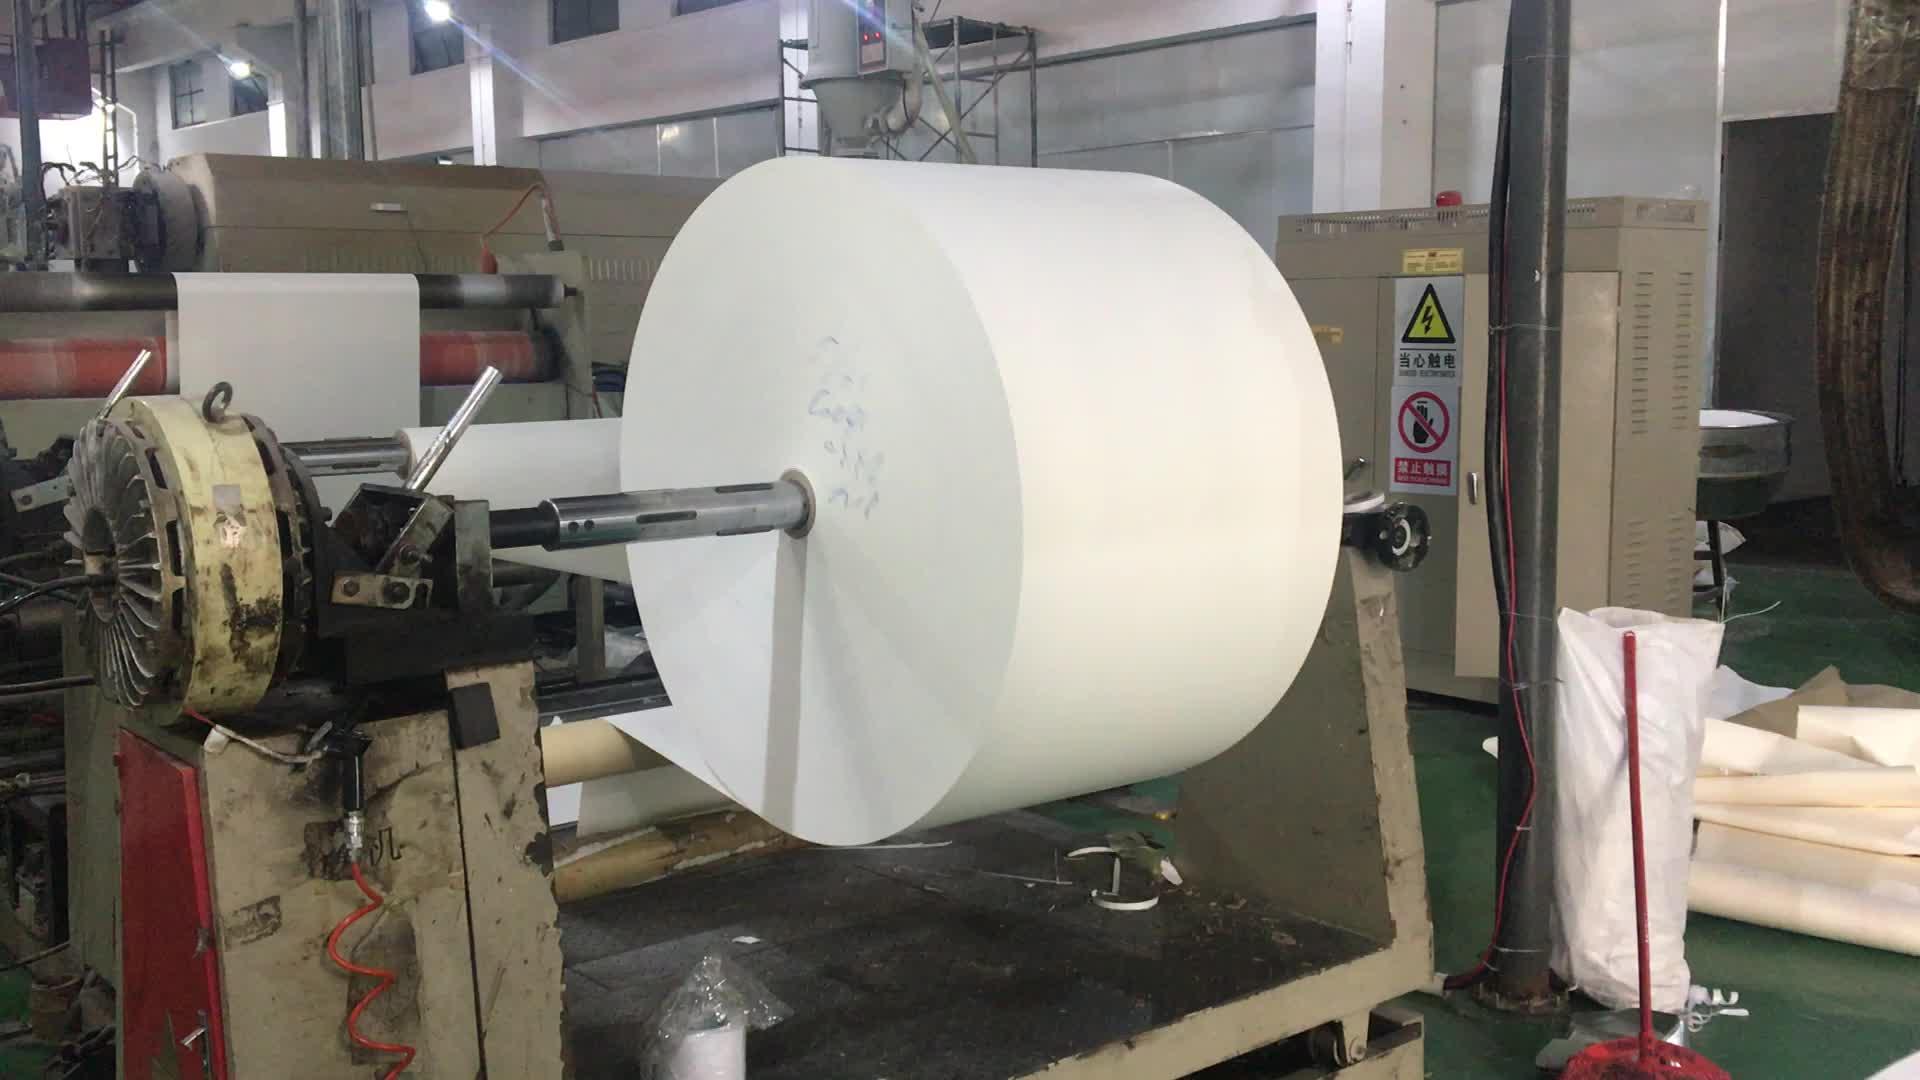 كأس ورقي مقاوم للشحوم عالي الجودة 100 gsm ، مادة خام من ورق رسم مغلف PE في لفة nanning